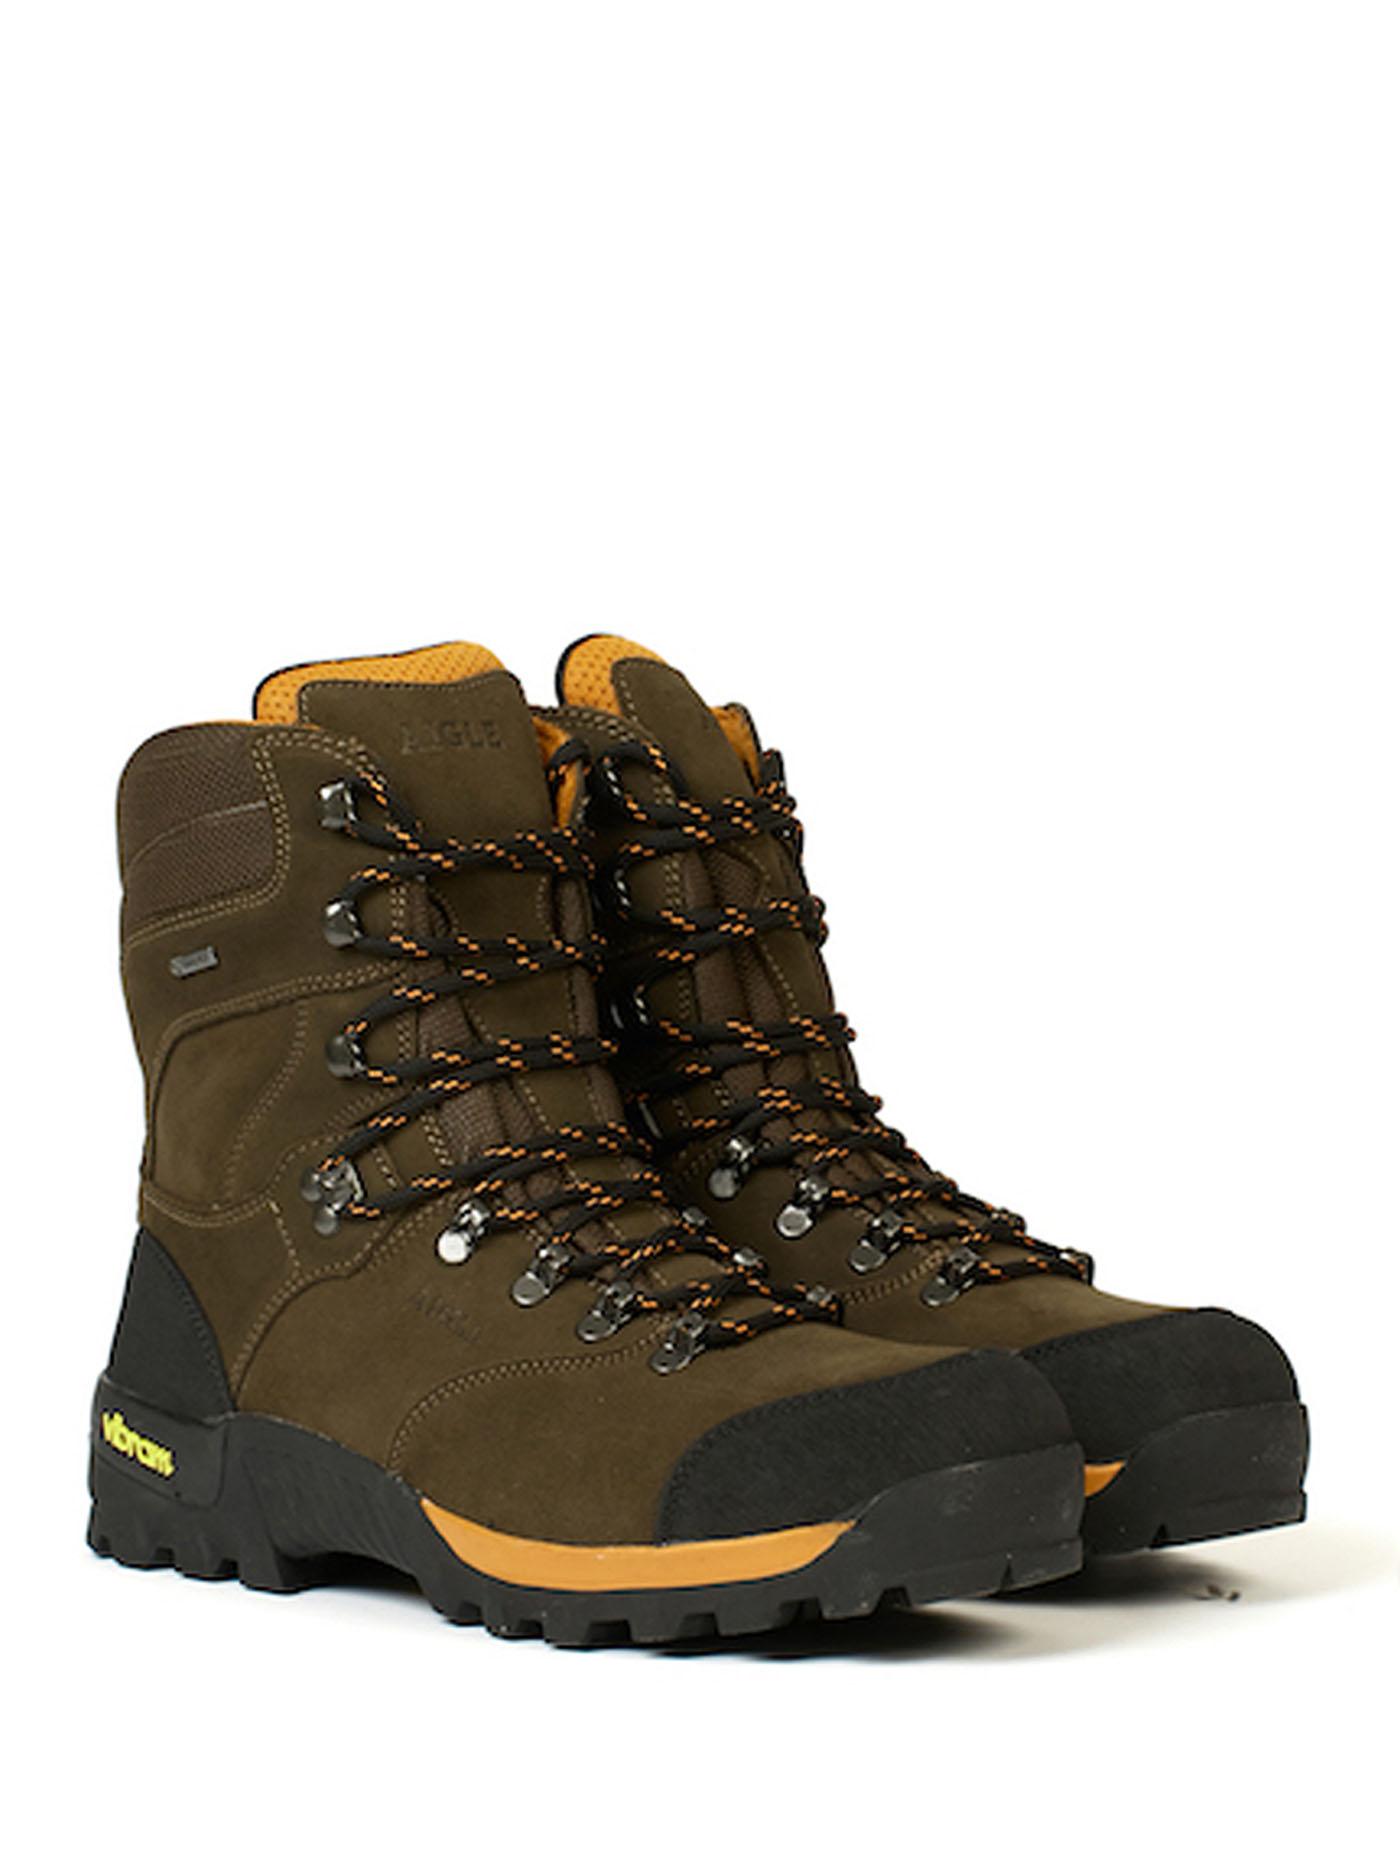 Chaussures montantes Gore Tex® homme Altaviohomme   AIGLE